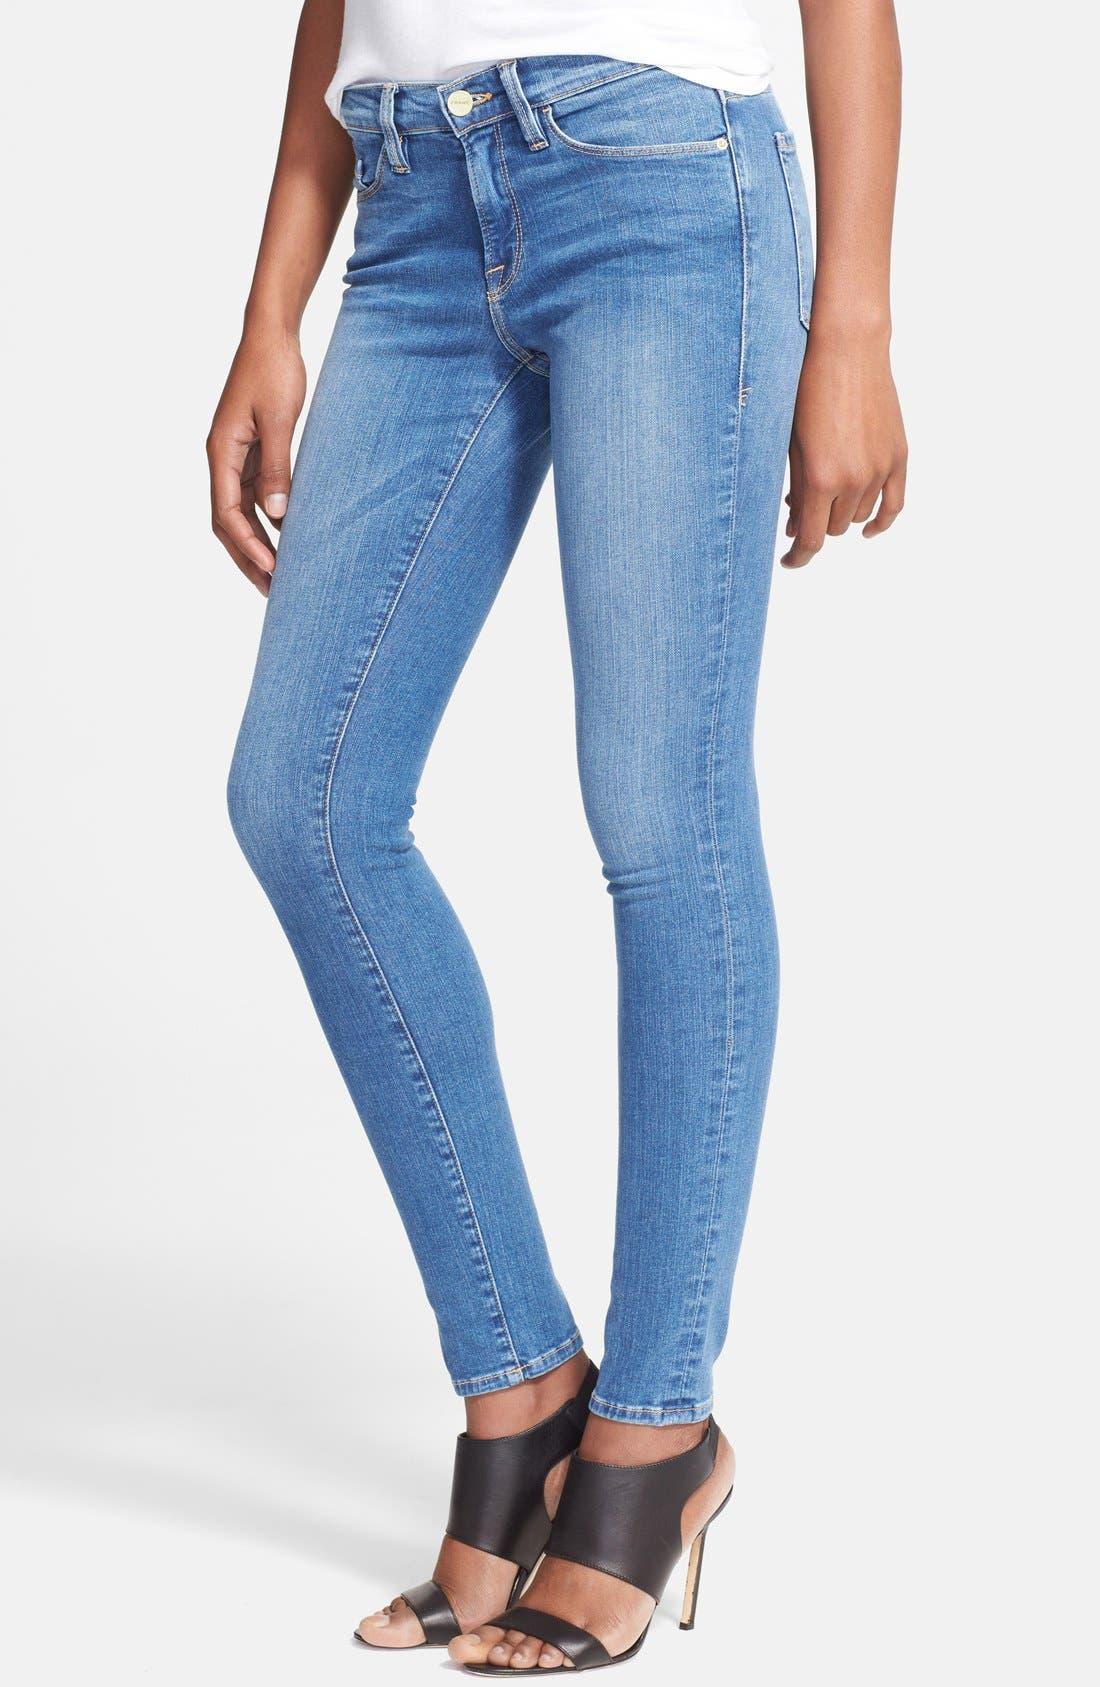 Main Image - Frame Denim 'Le Skinny de Jeanne' Jeans (Abbot Kinney)